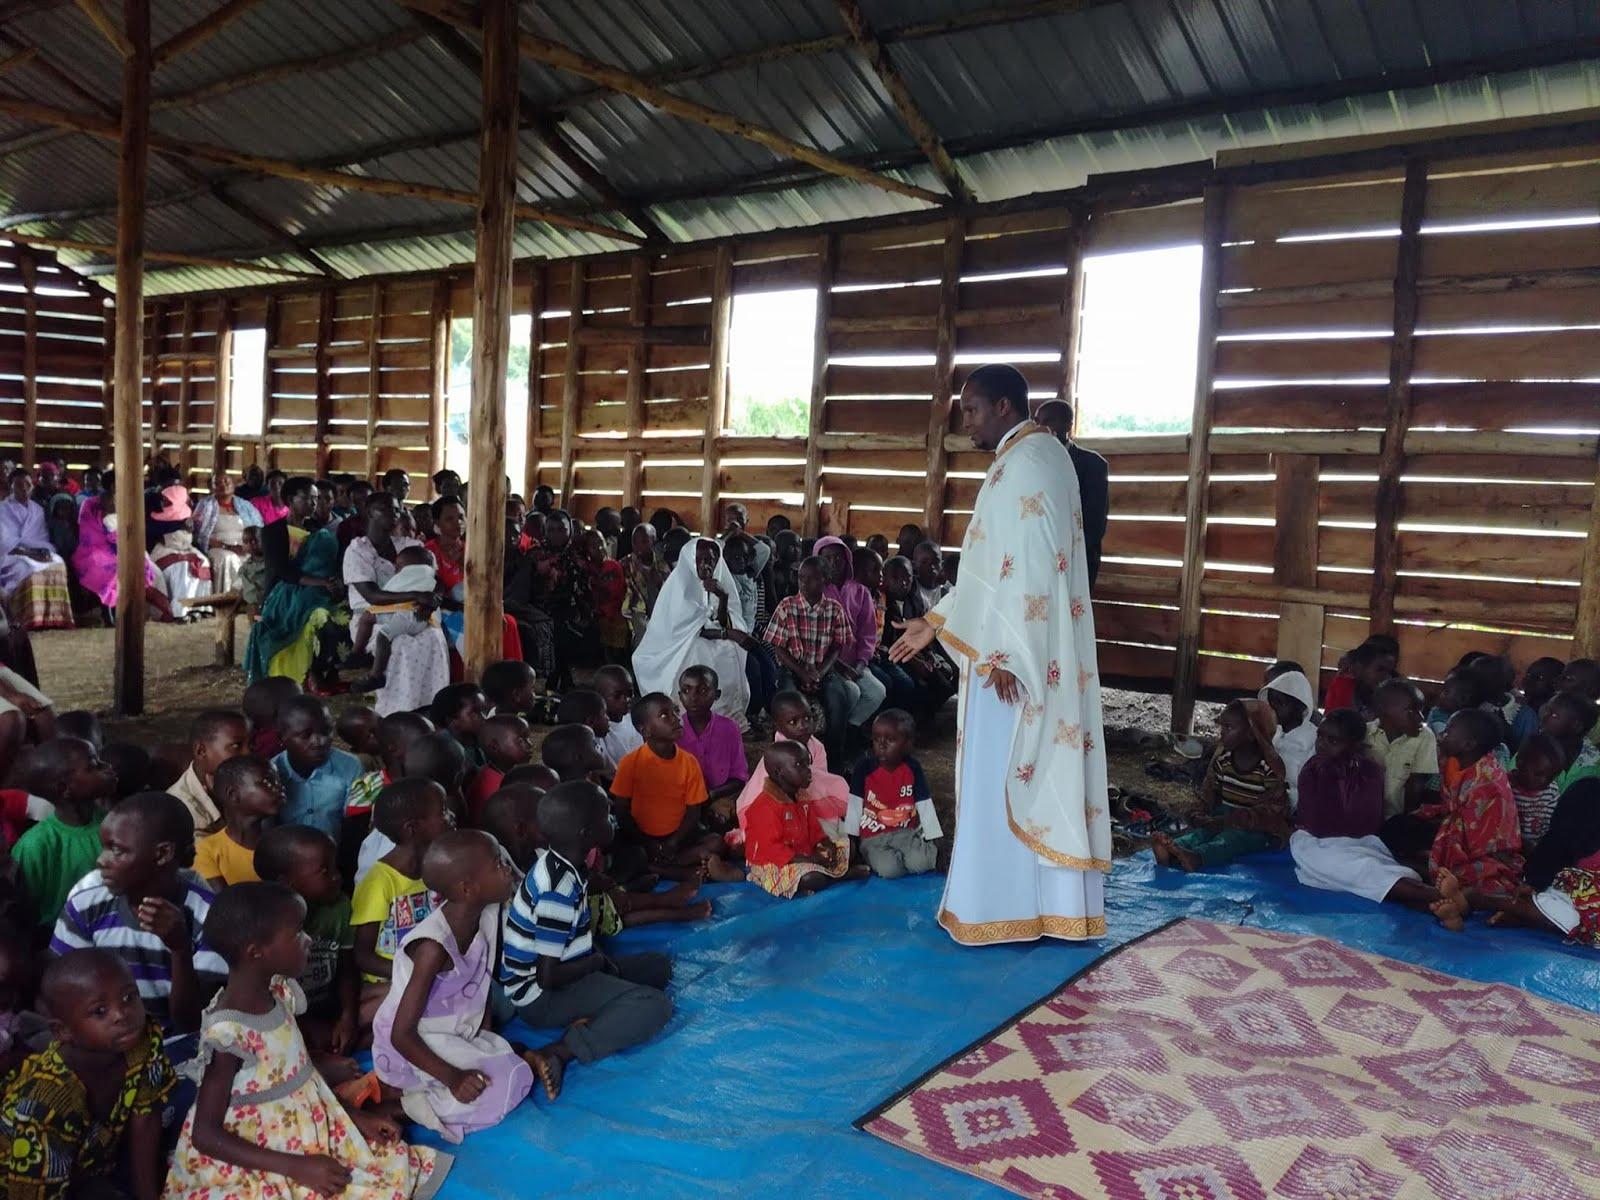 Ανάσταση 2018 στο Ρουμπάρρε της Ουγκάντας